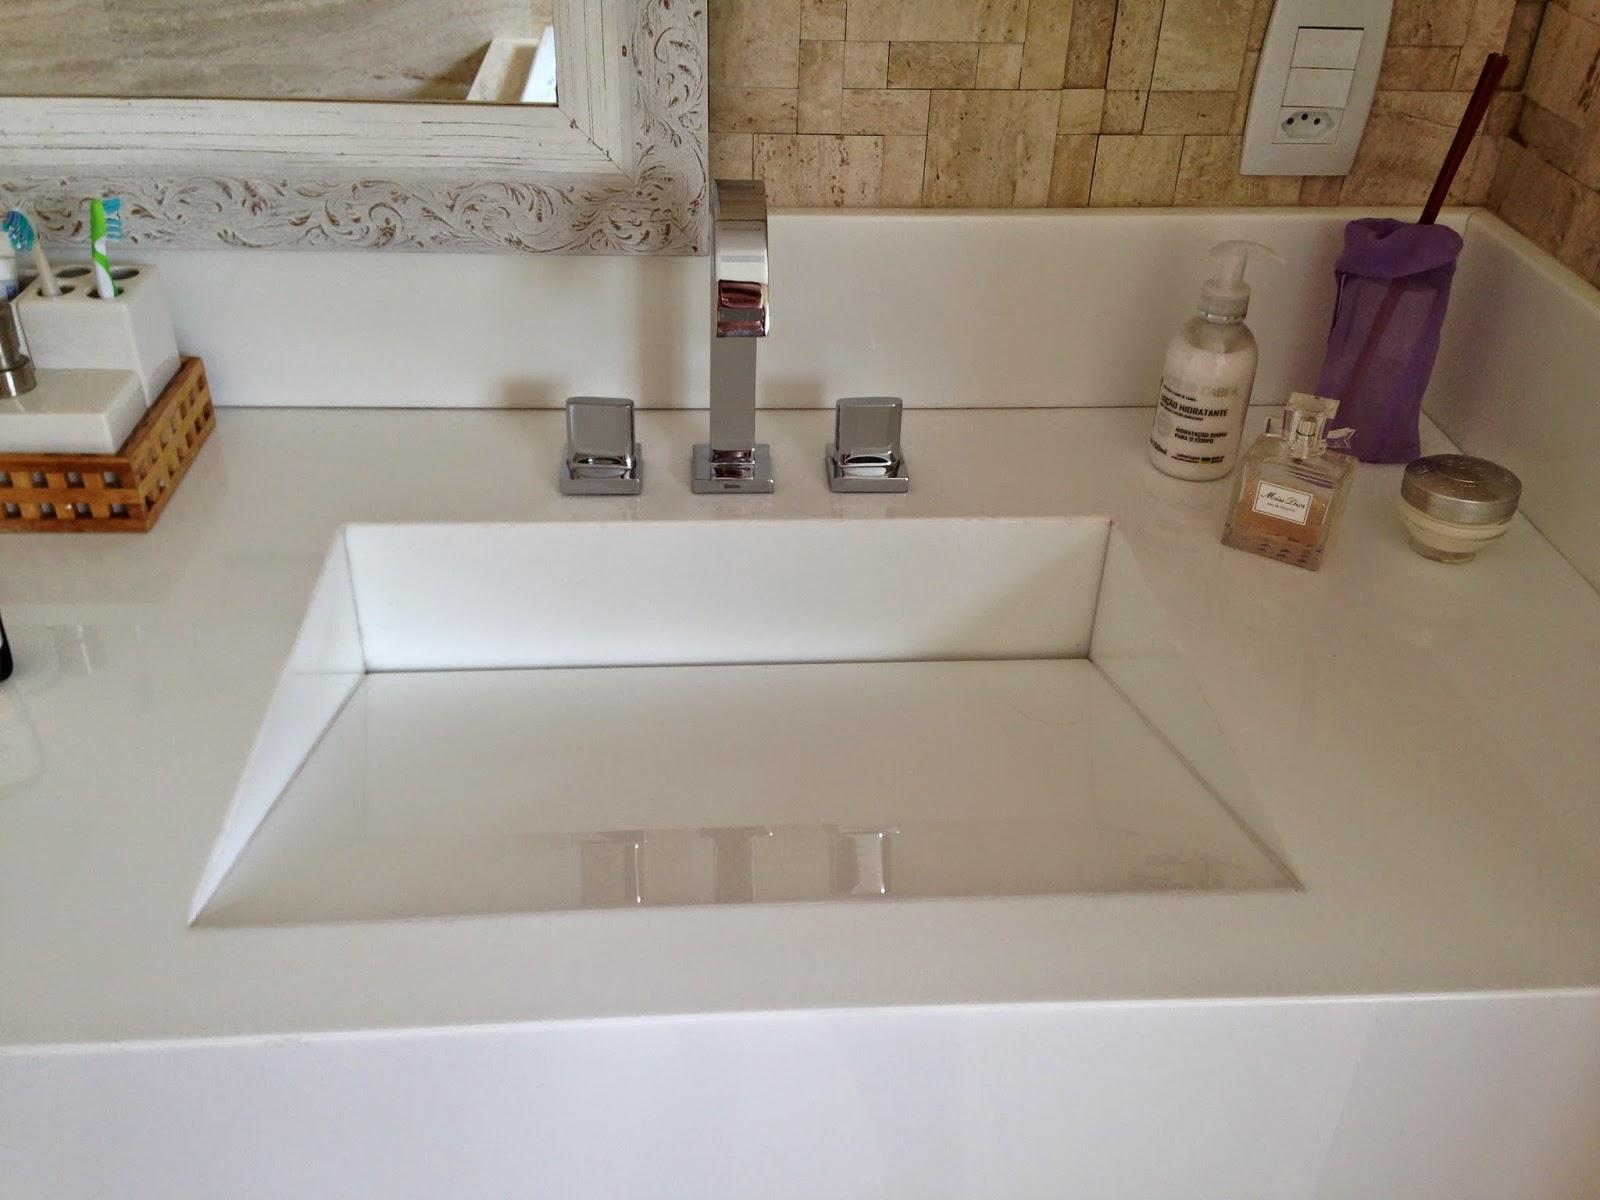 Minha Casa em Vinhedo: Fevereiro 2015 #31727C 1600x1200 Bancada Banheiro Duas Cubas